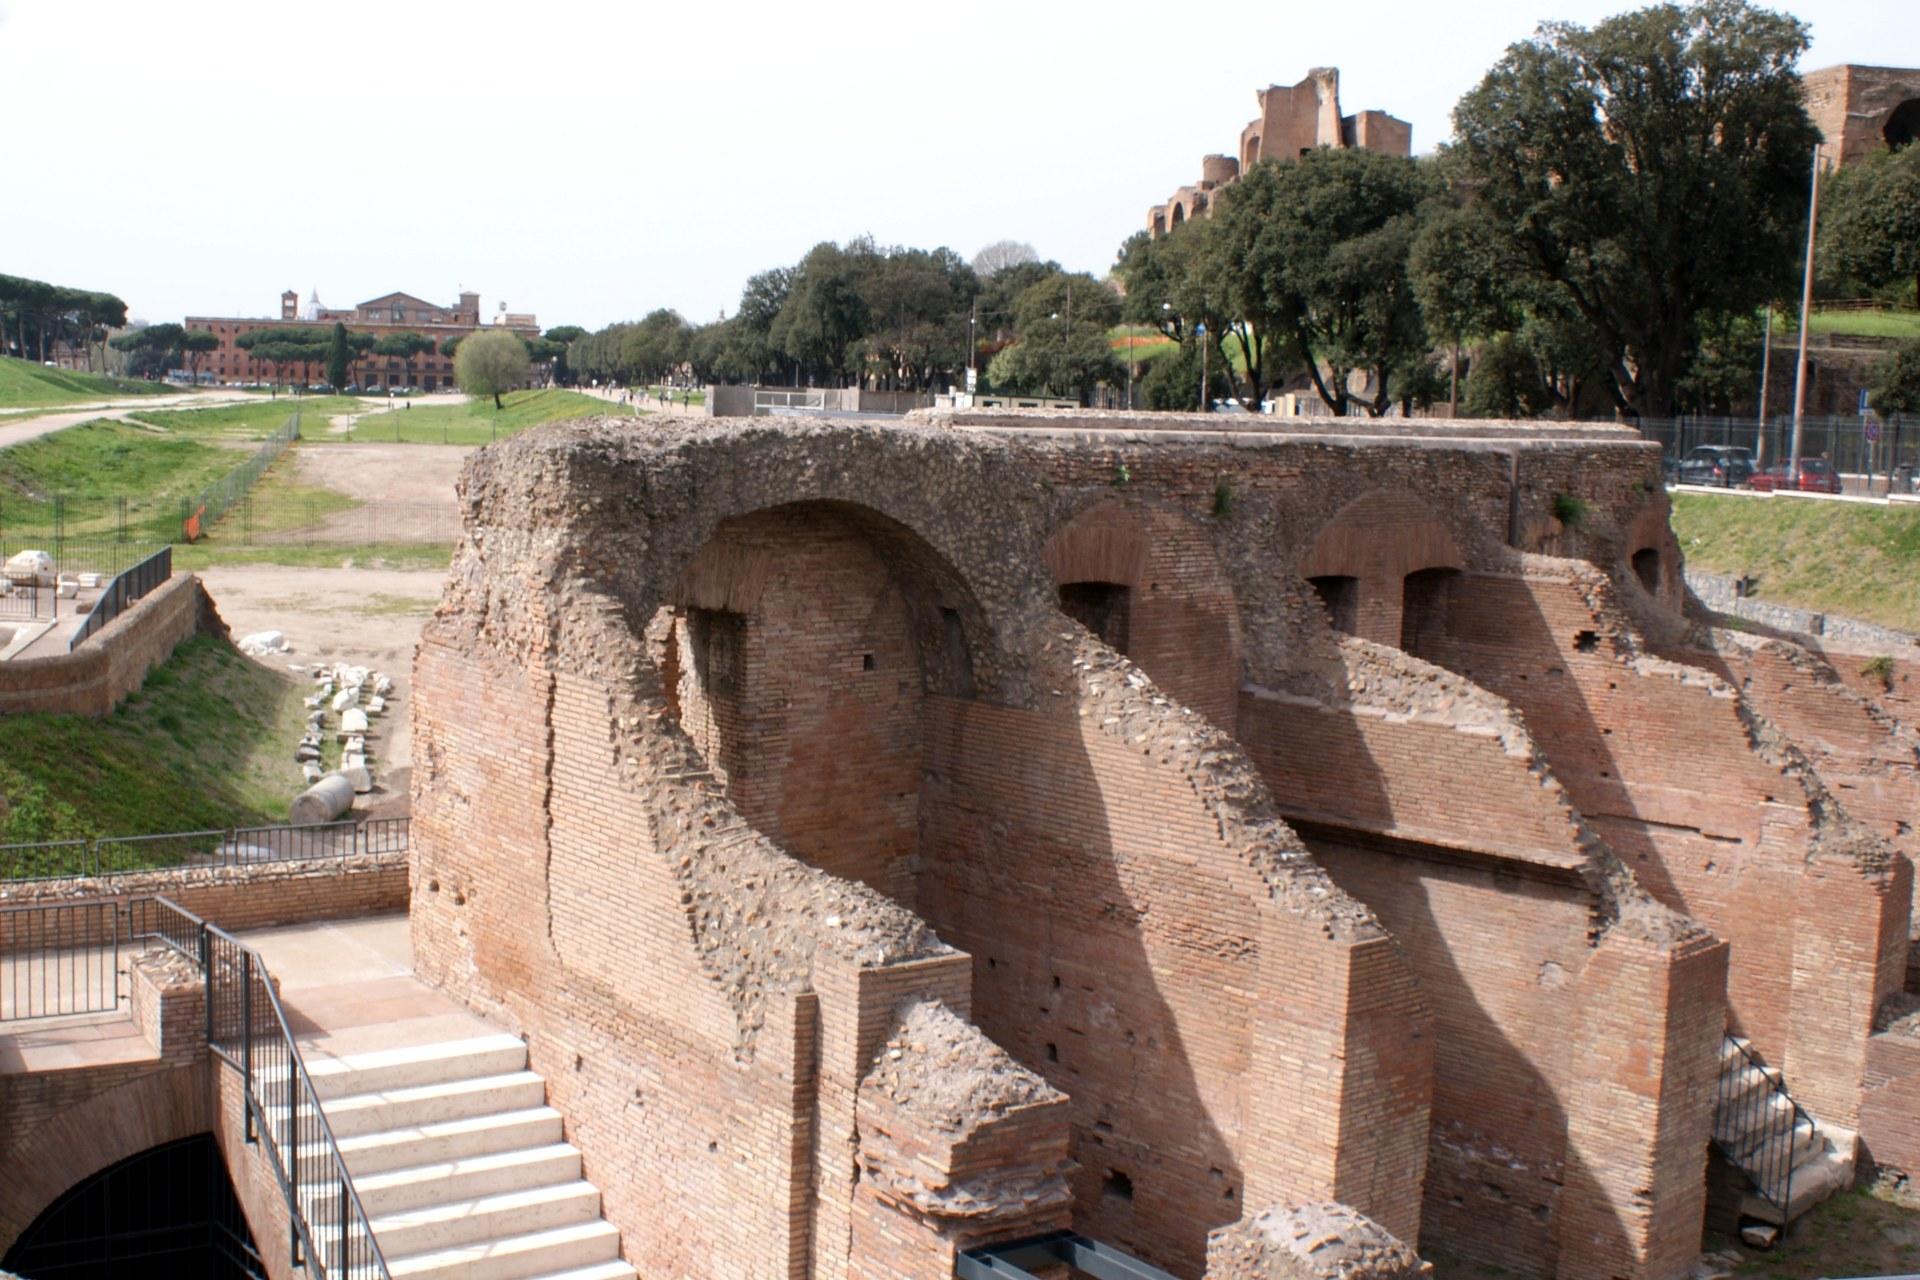 Images - Stald - Rome Printemps 2016 - 04:05 - 32